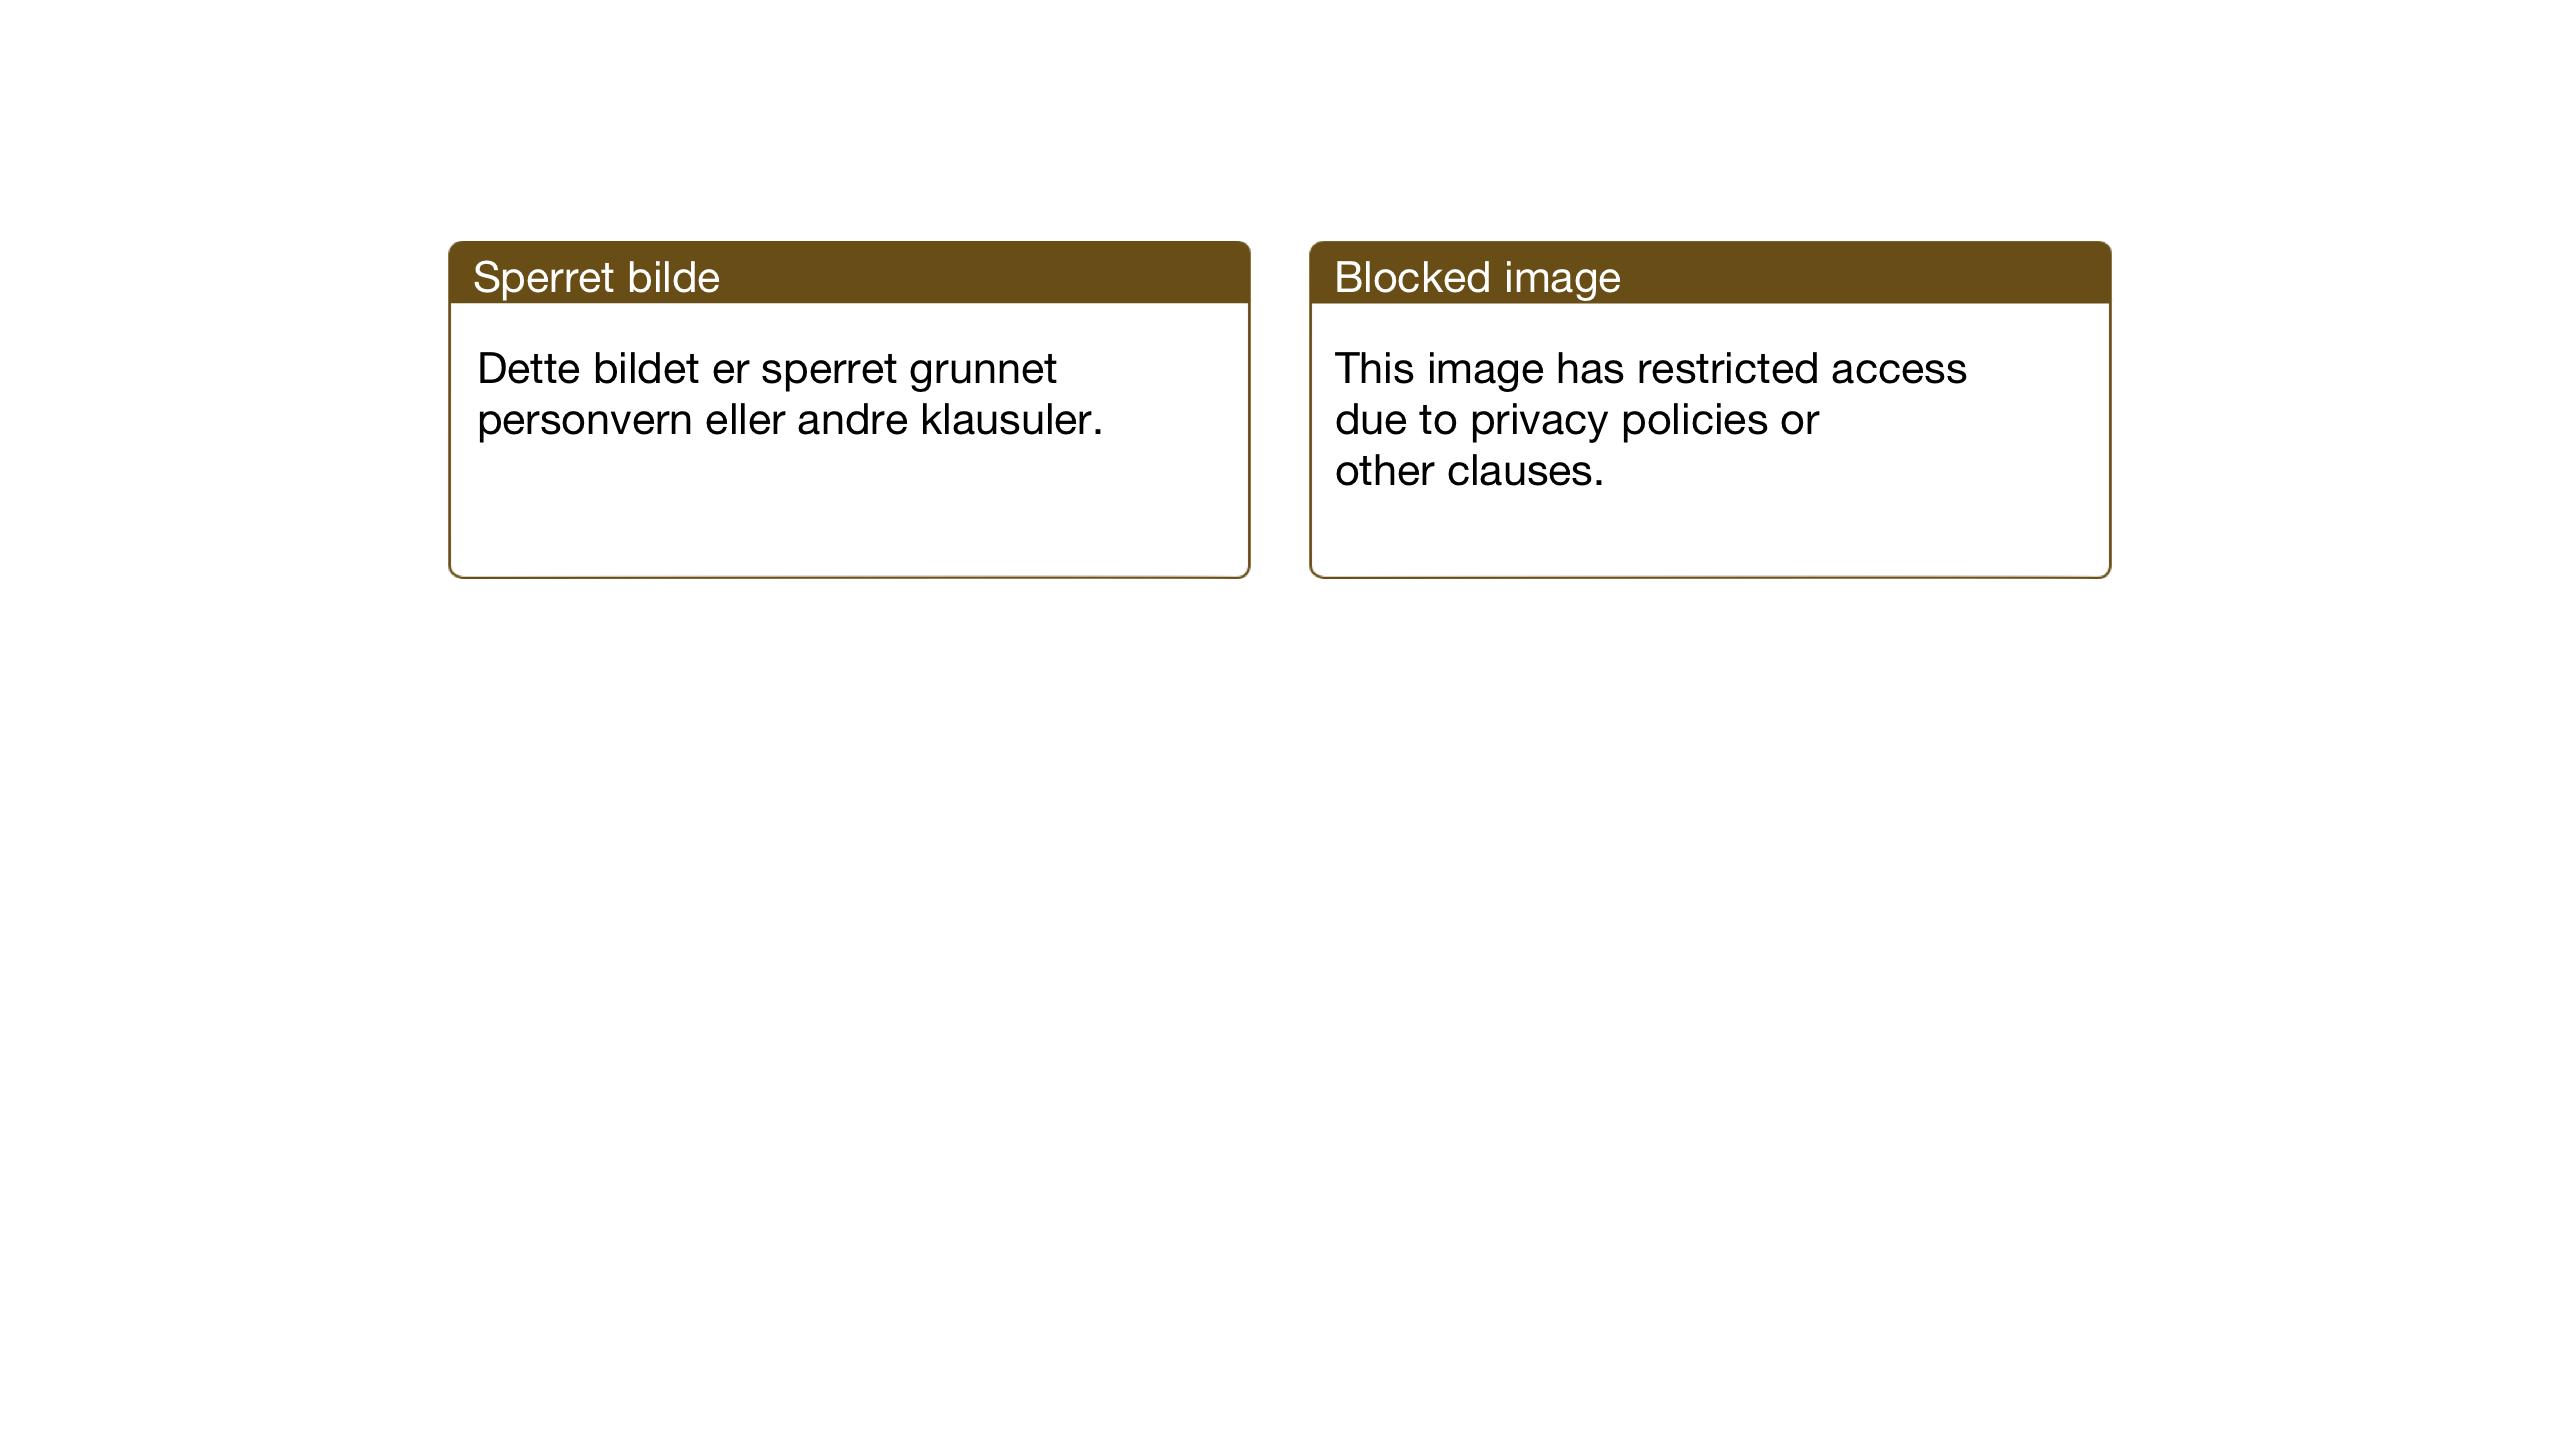 SAT, Ministerialprotokoller, klokkerbøker og fødselsregistre - Nord-Trøndelag, 770/L0592: Klokkerbok nr. 770C03, 1941-1950, s. 80